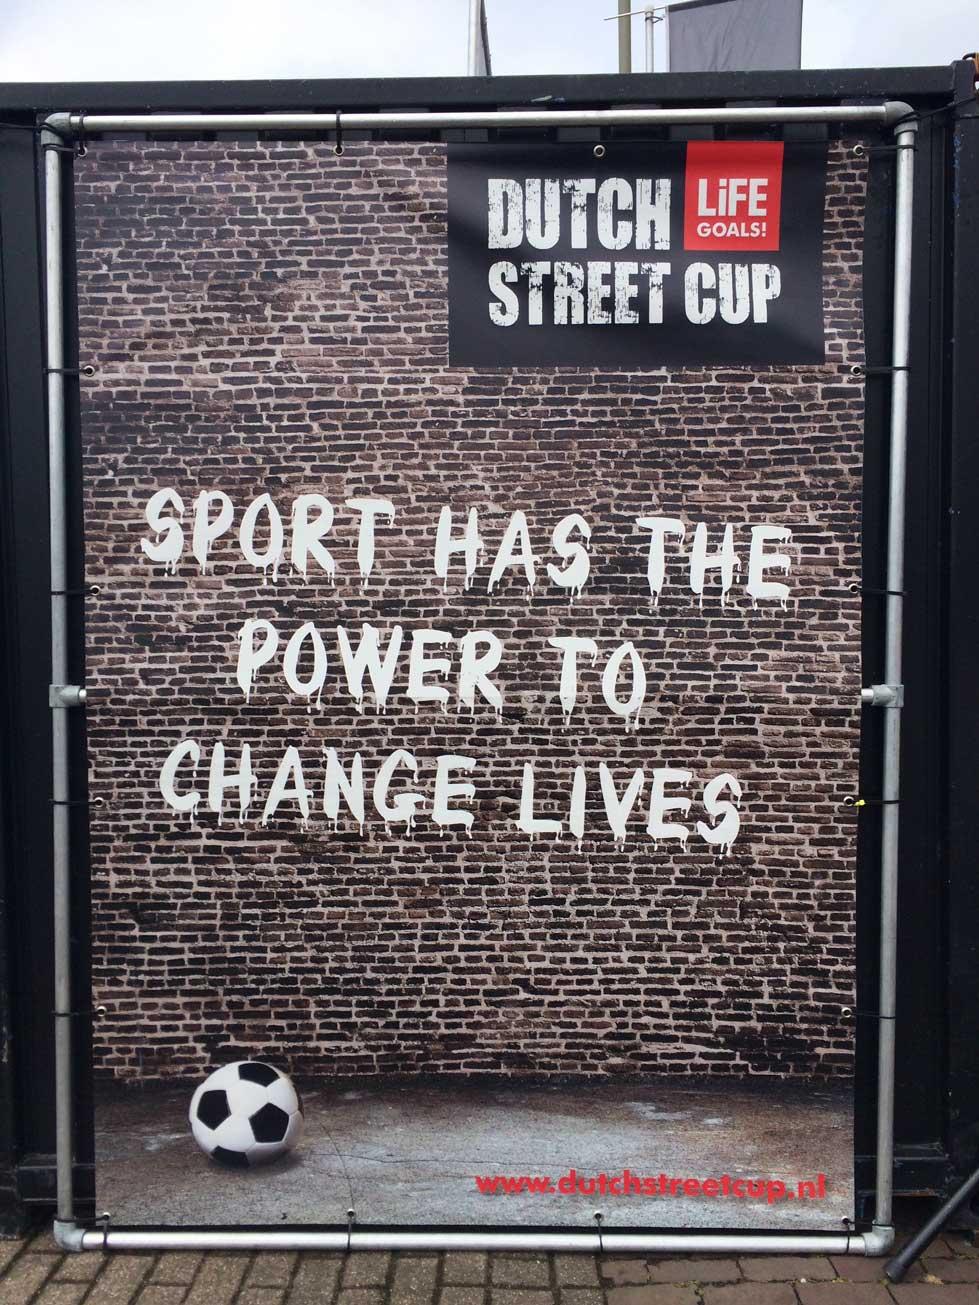 Life-Goals-dutch-street-cup